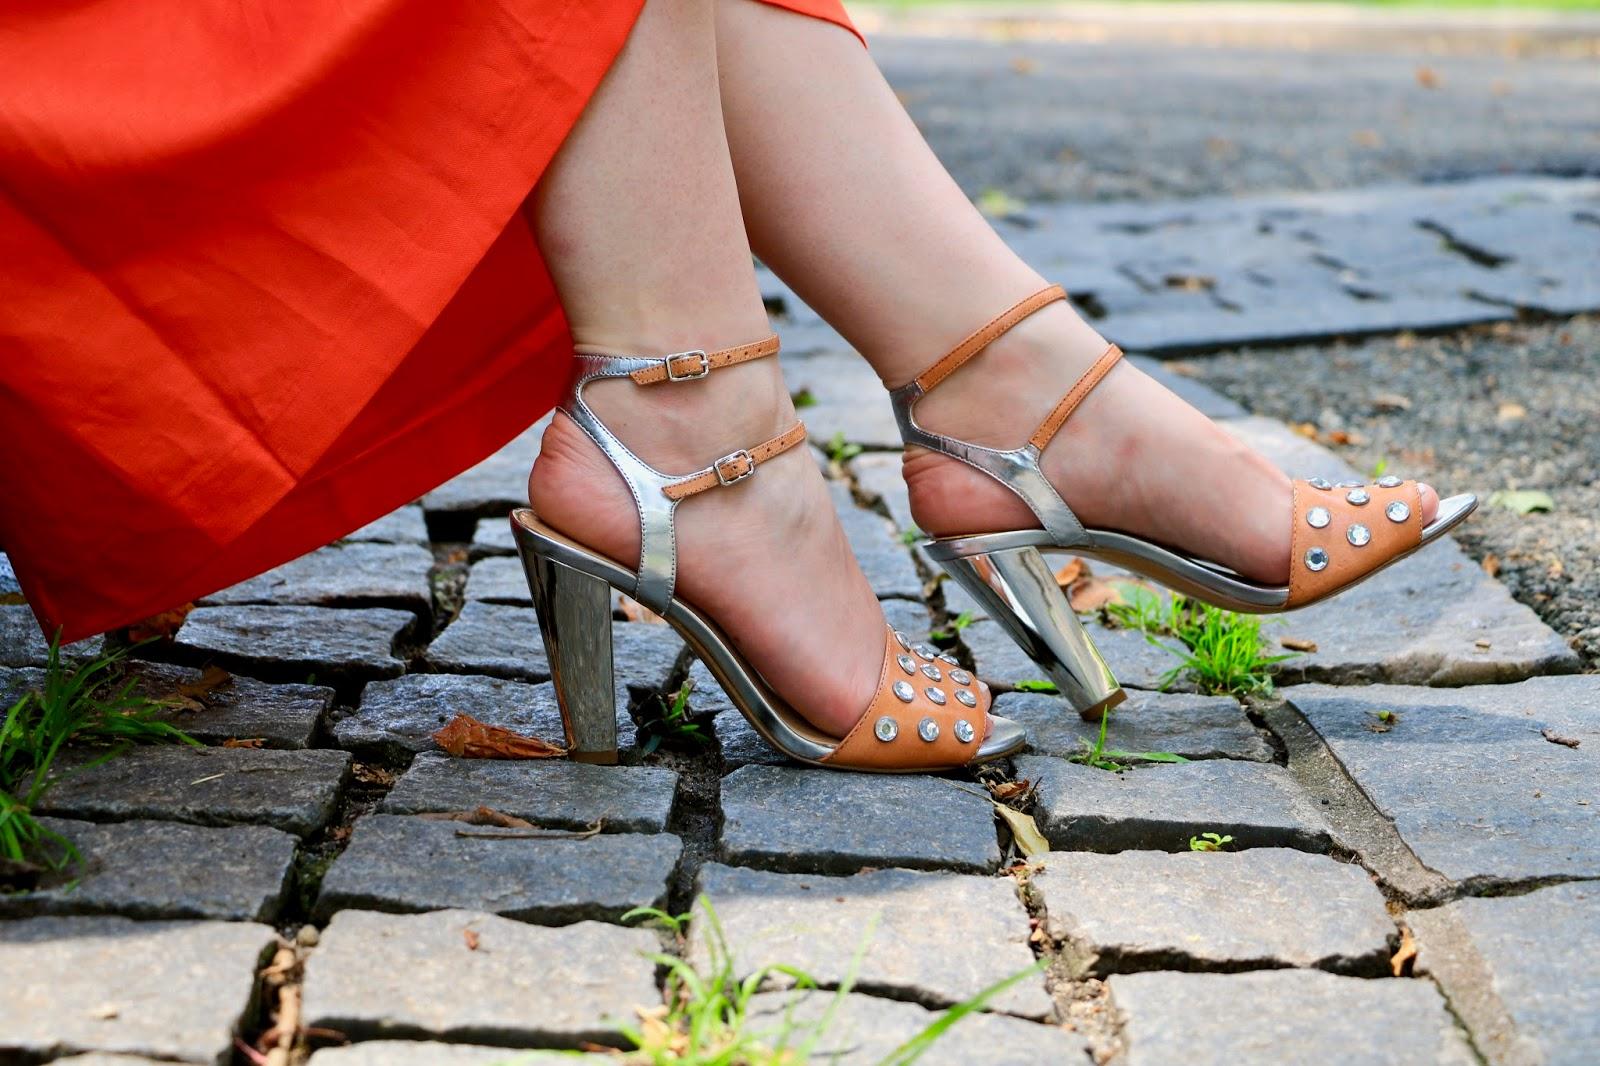 Fashion blogger Kathleen Harper of Kat's Fashion Fix wearing metallic embellished heels